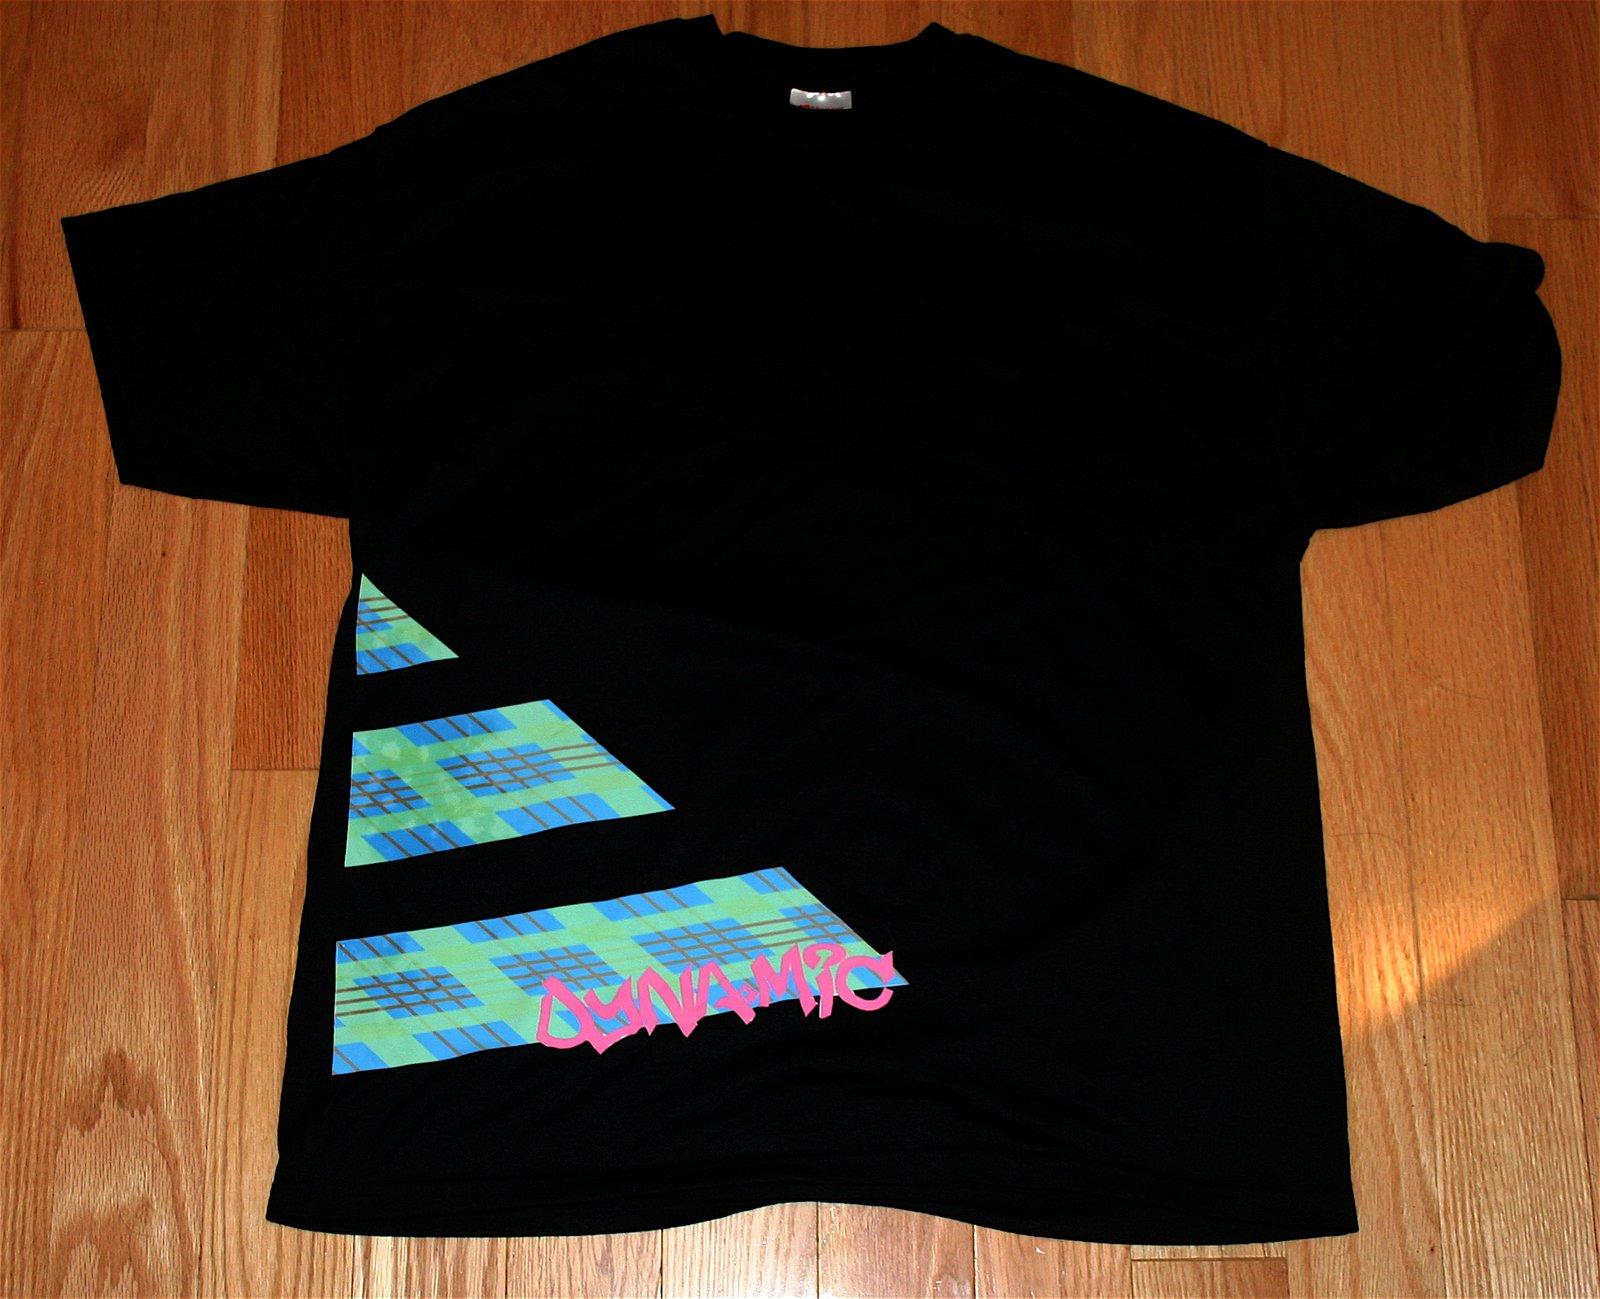 First print of shirt